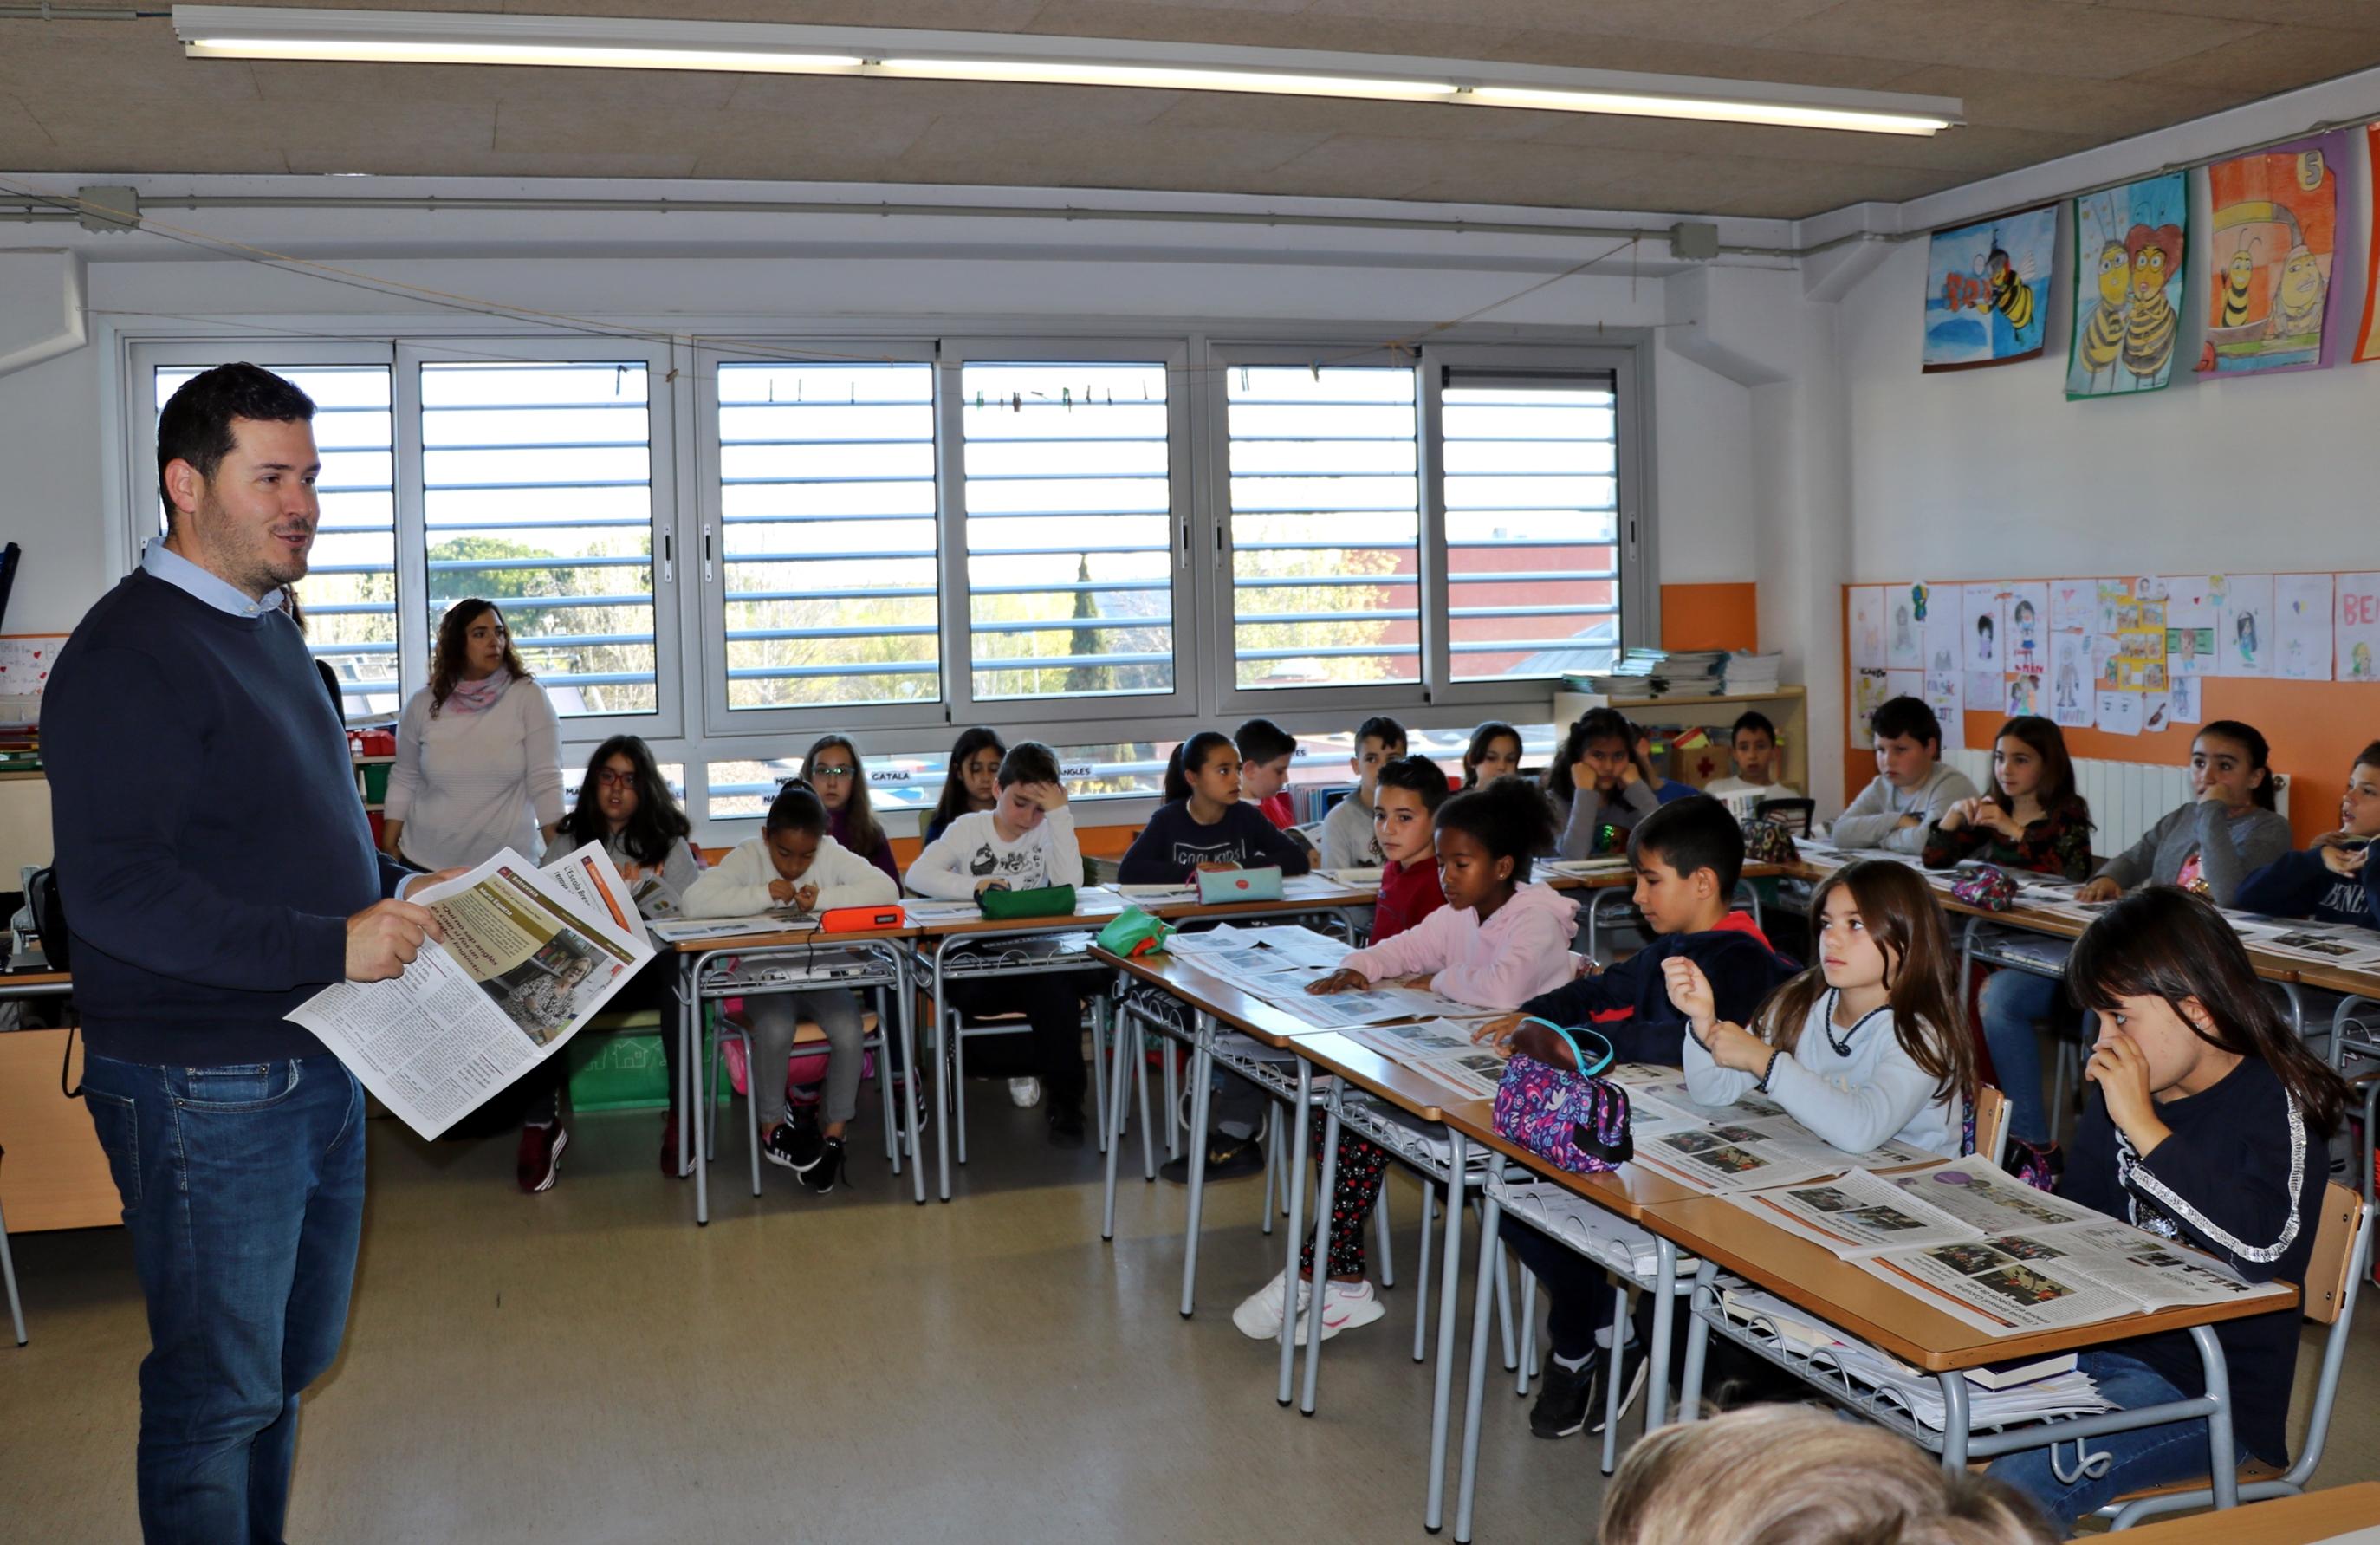 L'alumnat de quart de l'Escola Joan Maragall rep exemplars del 08centvint d'abril